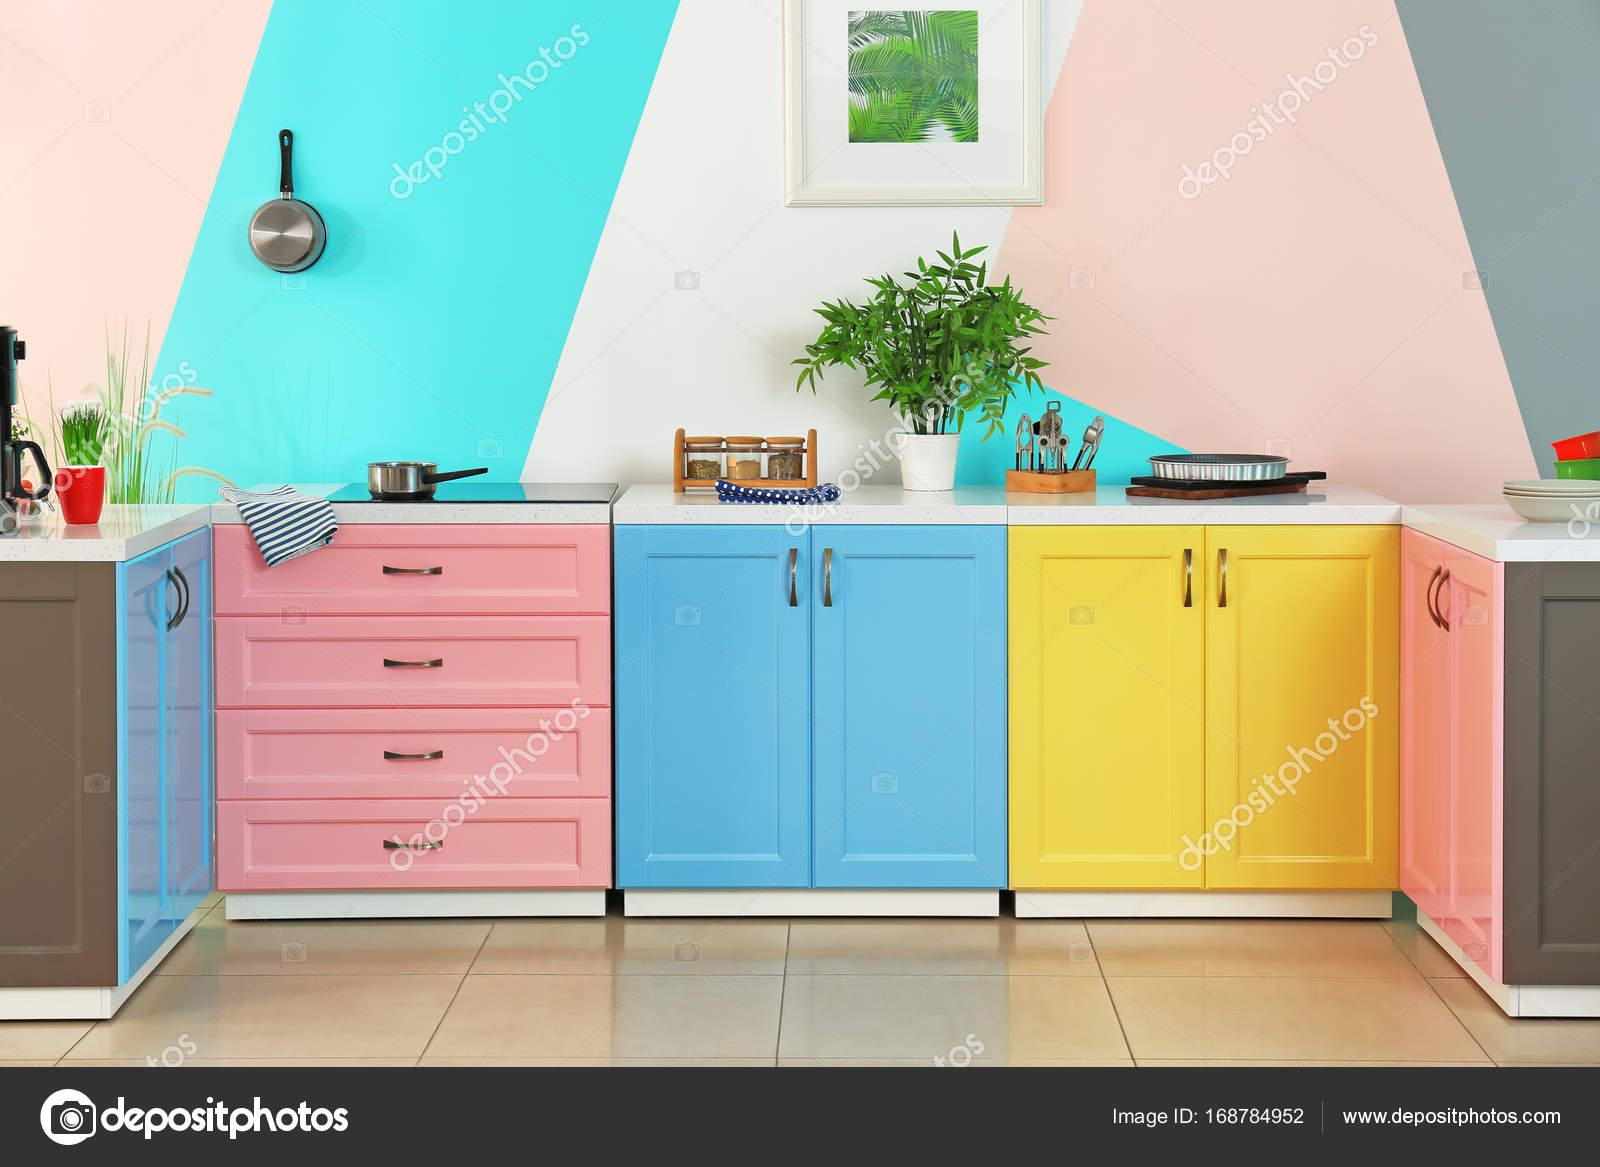 Interior De Cozinha Colorido Stock Photo Belchonock 168784952